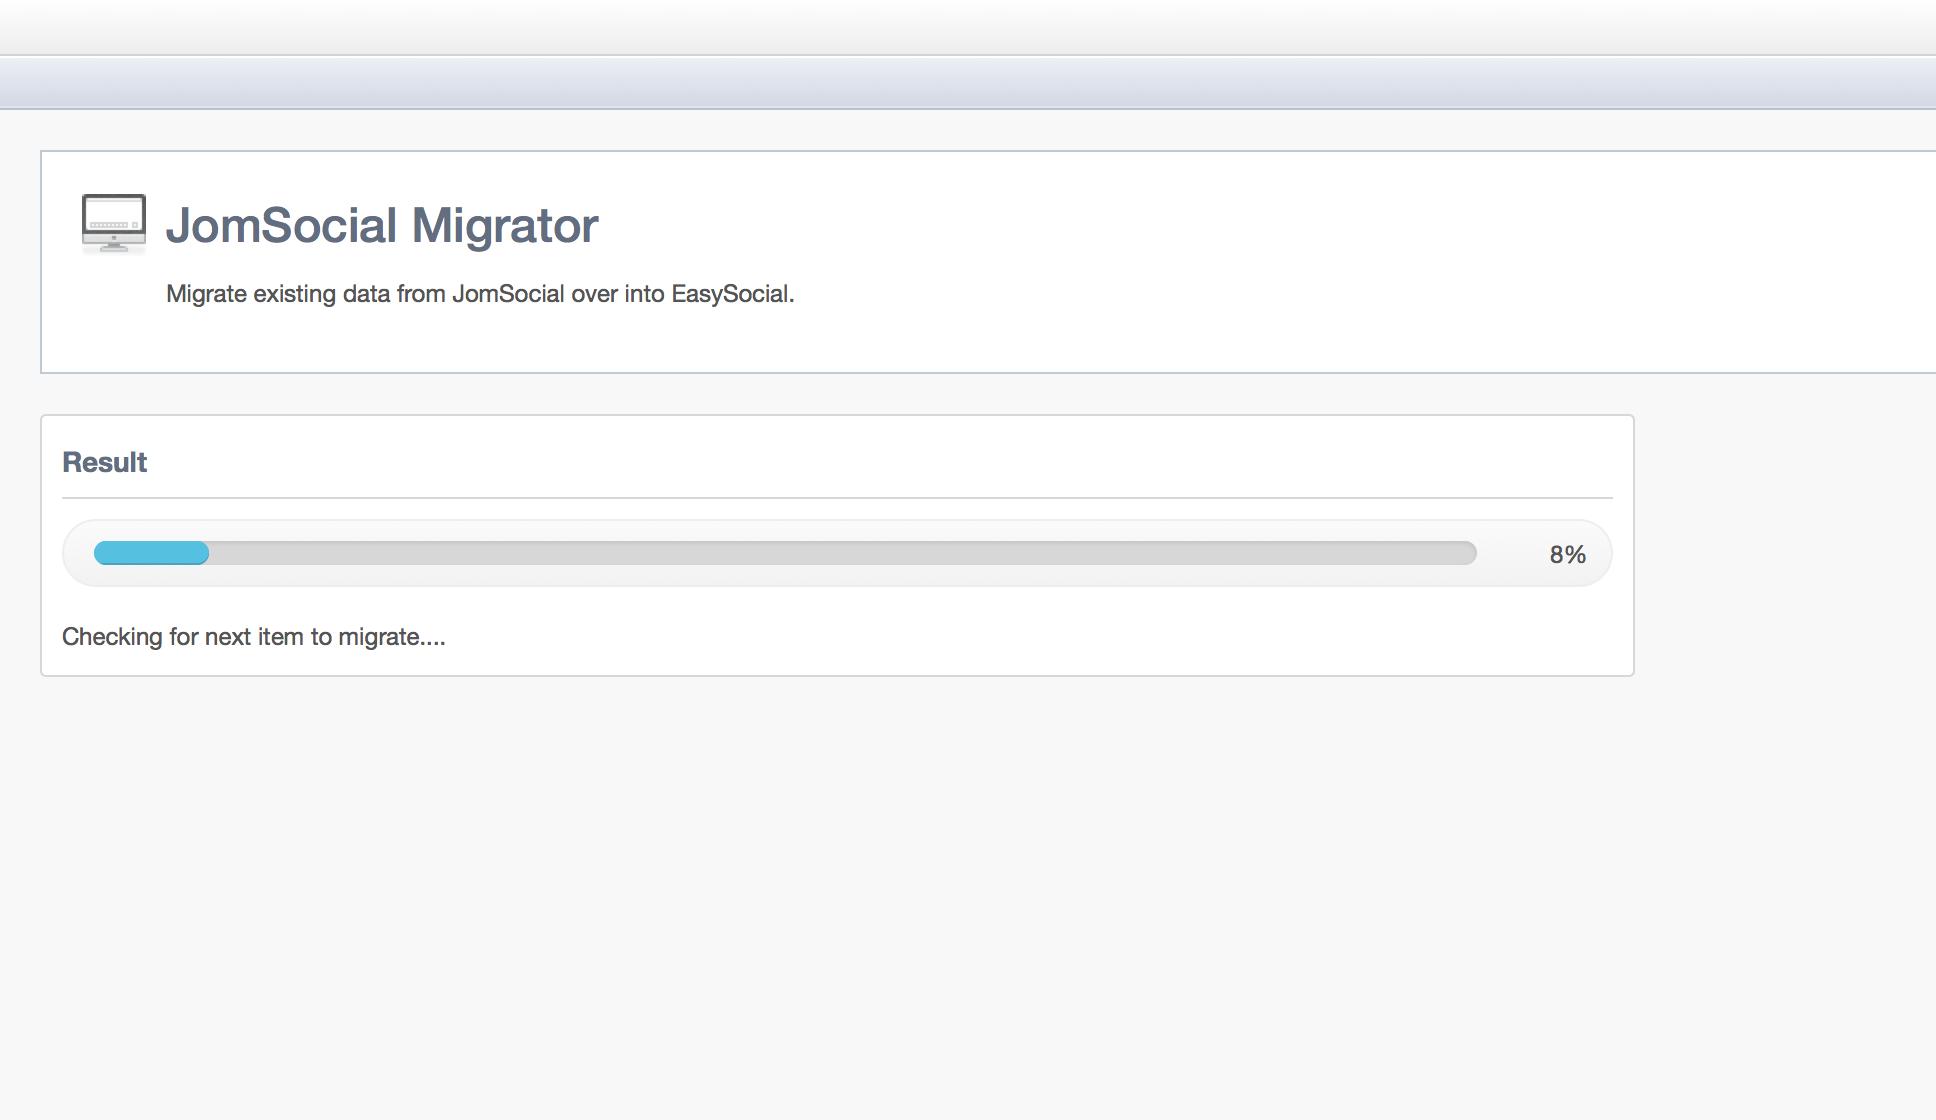 JomSocial User Migration Step 3